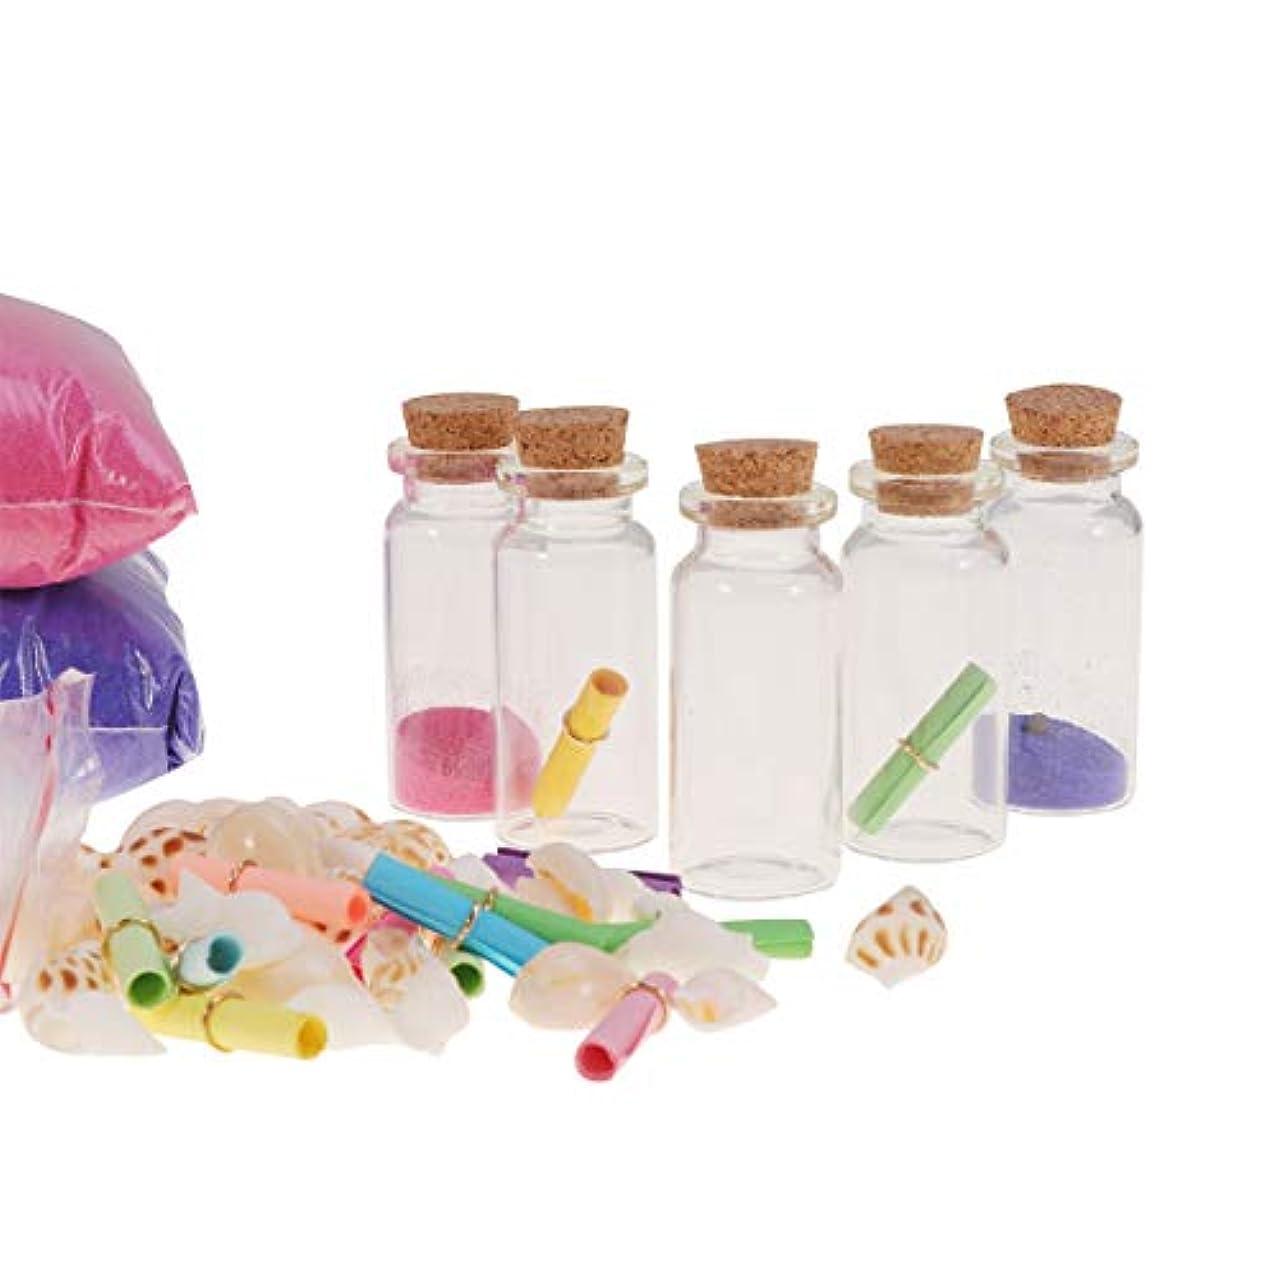 滑りやすいとんでもない以内にコルク栓で健康的なクリアミニガラス瓶diyウィッシュボトル巻き貝紙カラフルな砂メッセージ願いパーティーの好意92ピース